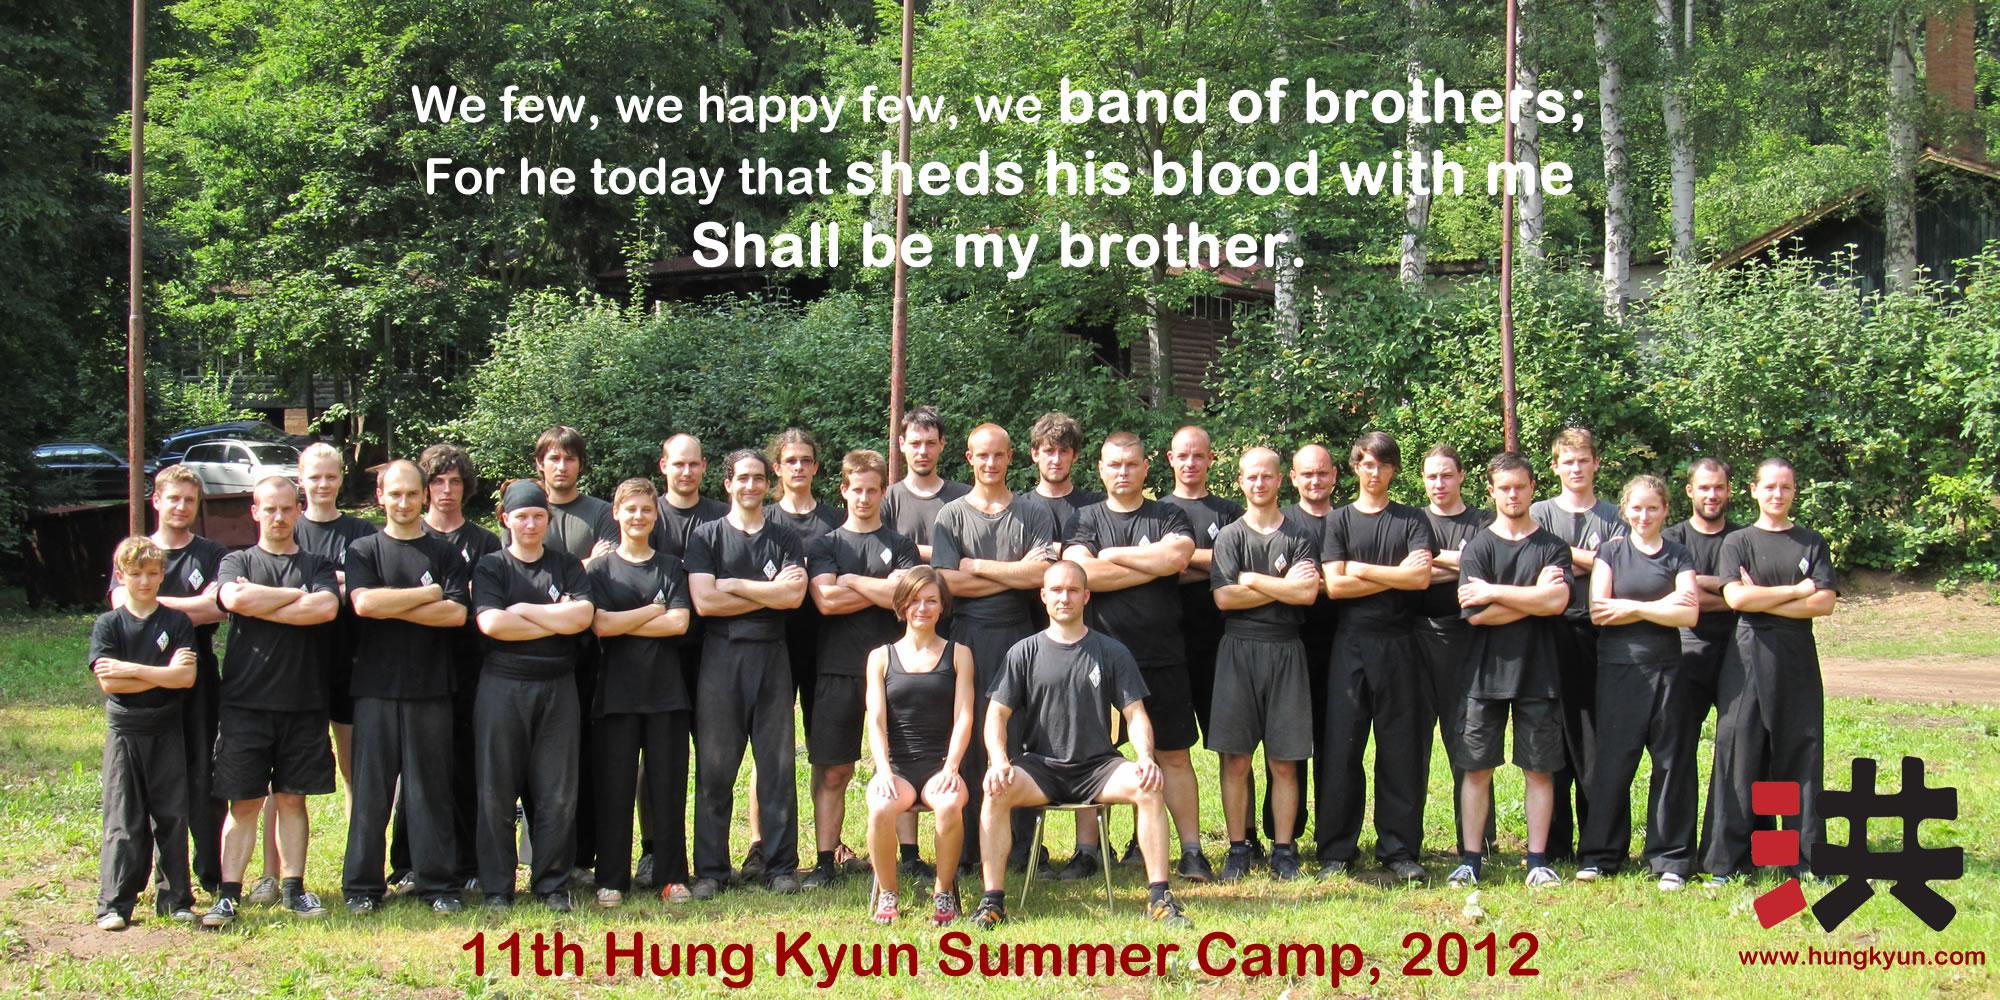 11. letní Hung Kyun Camp, Pnětluky 2012